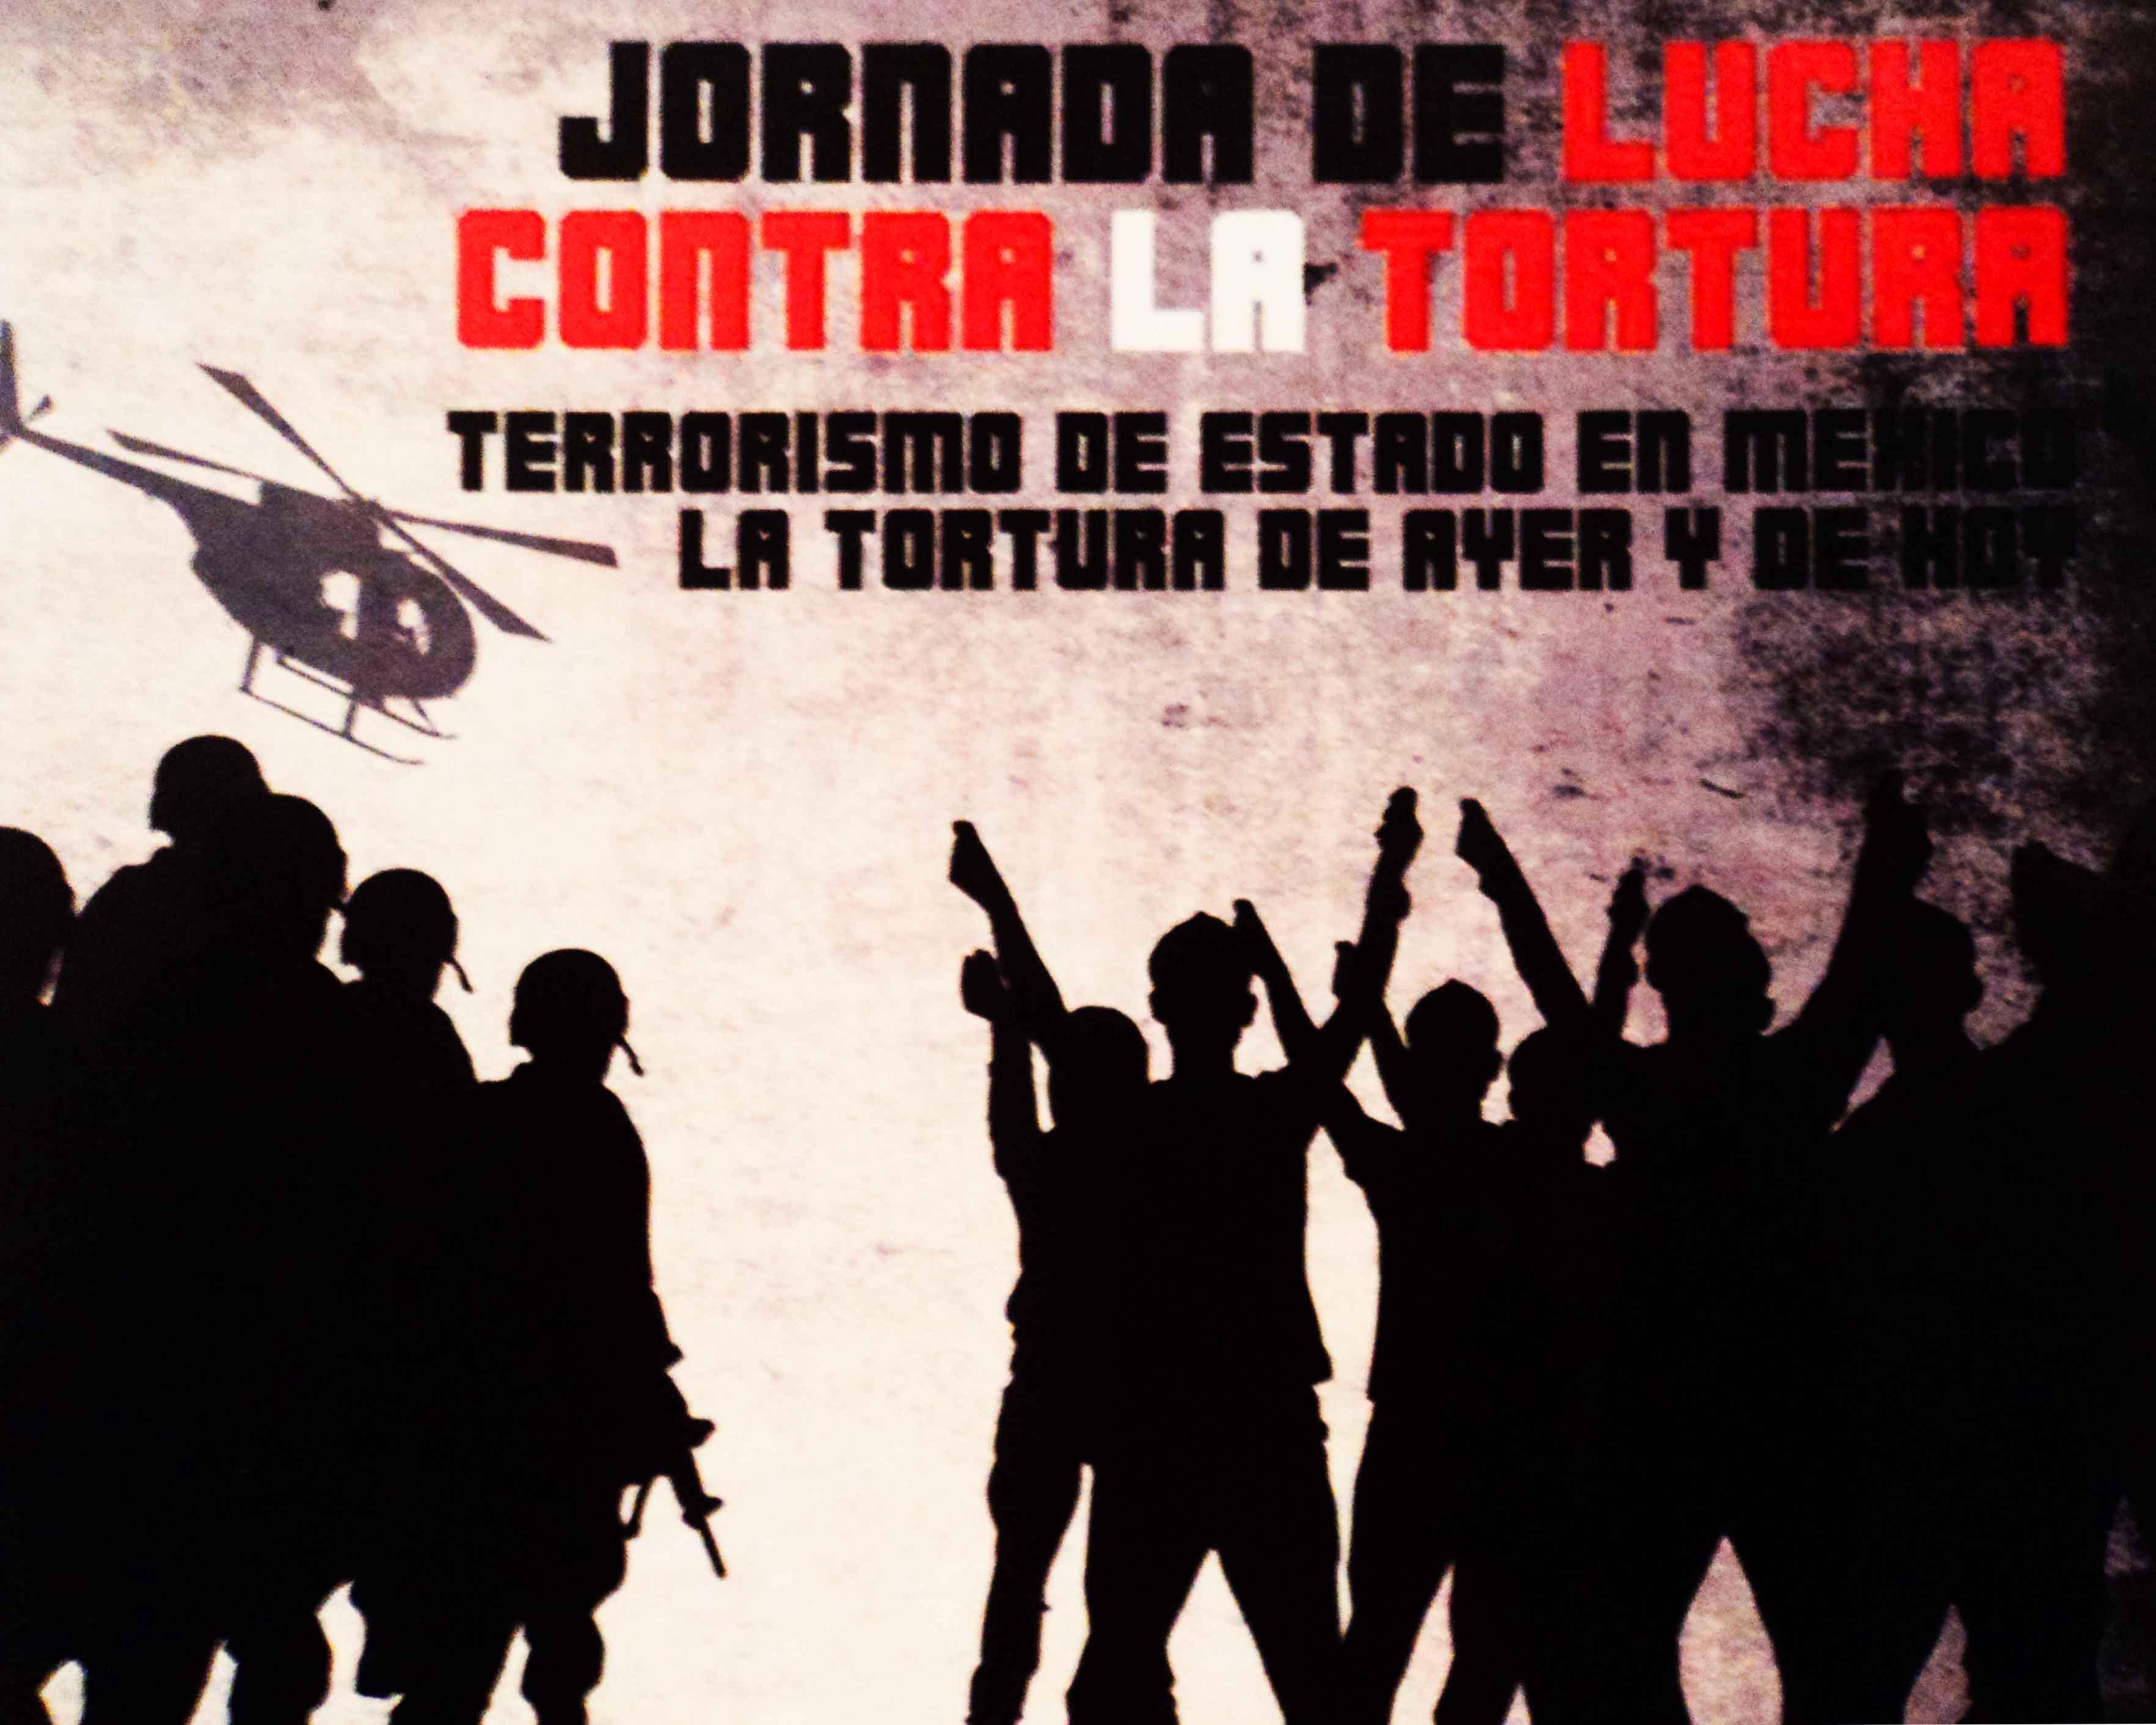 Jornada de lucha contra la tortura